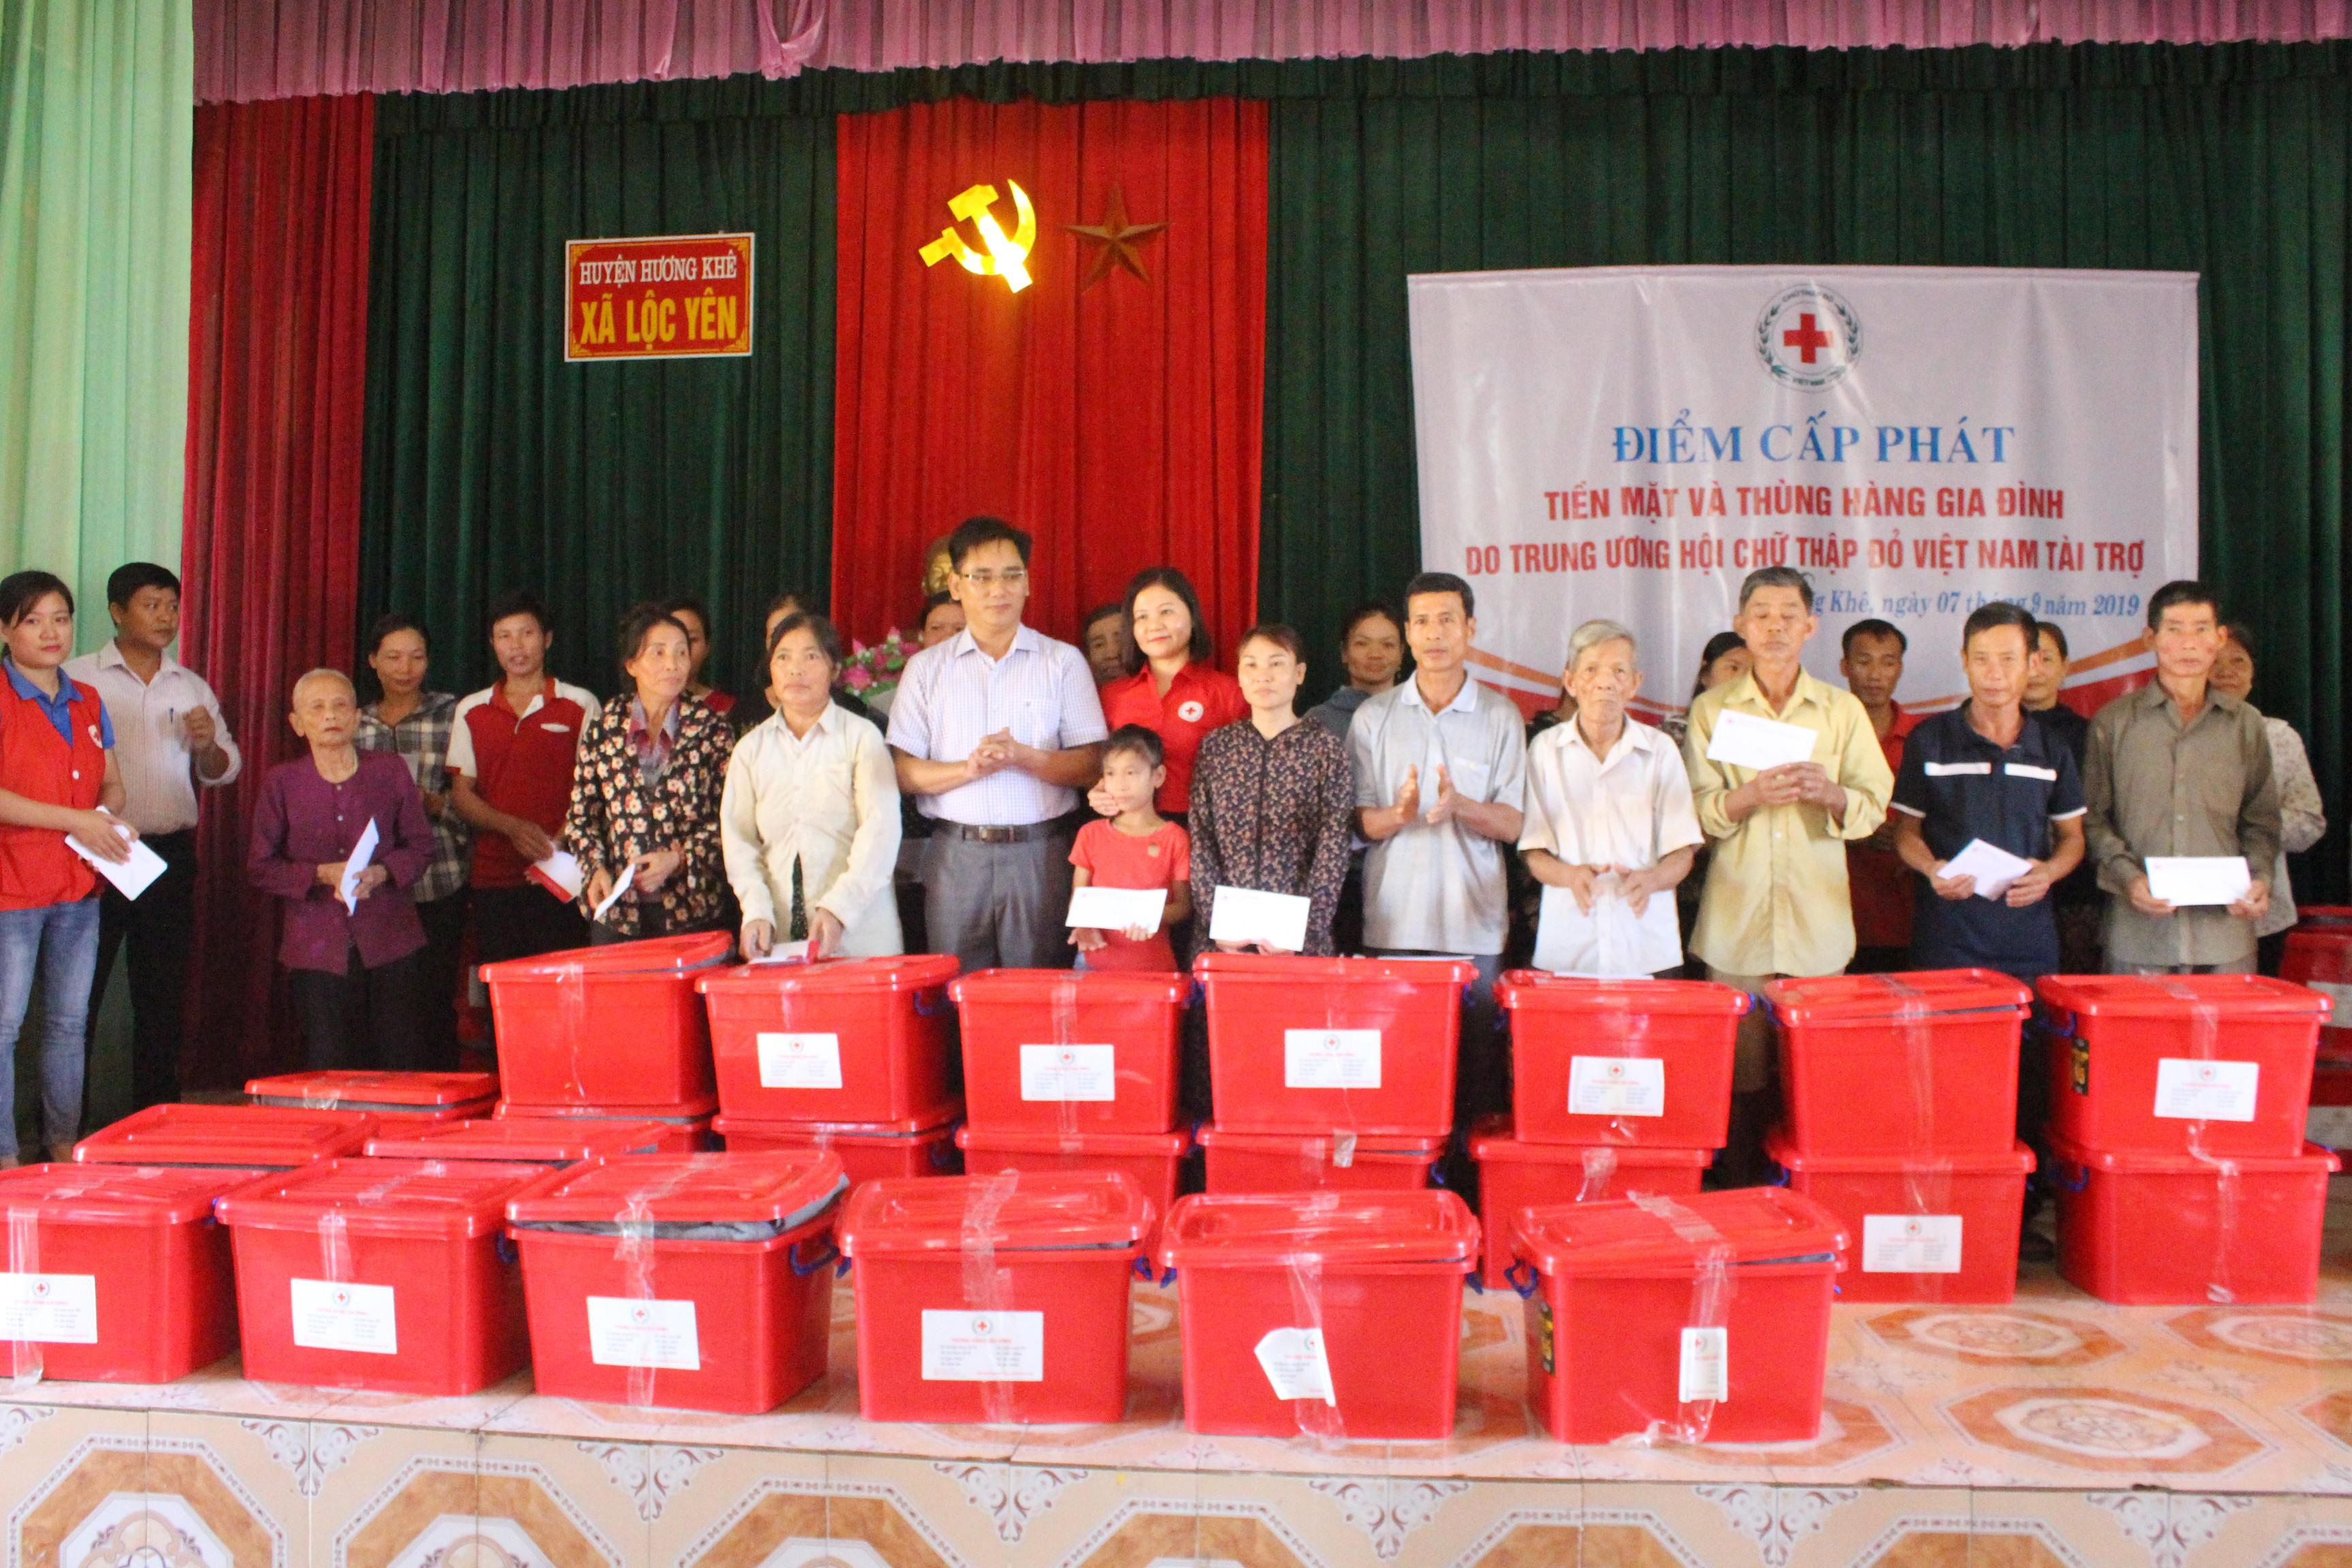 Hội Chữ thập đỏ tặng quà cứu trợ bà con vùng lũ Hà Tĩnh Ảnh 2